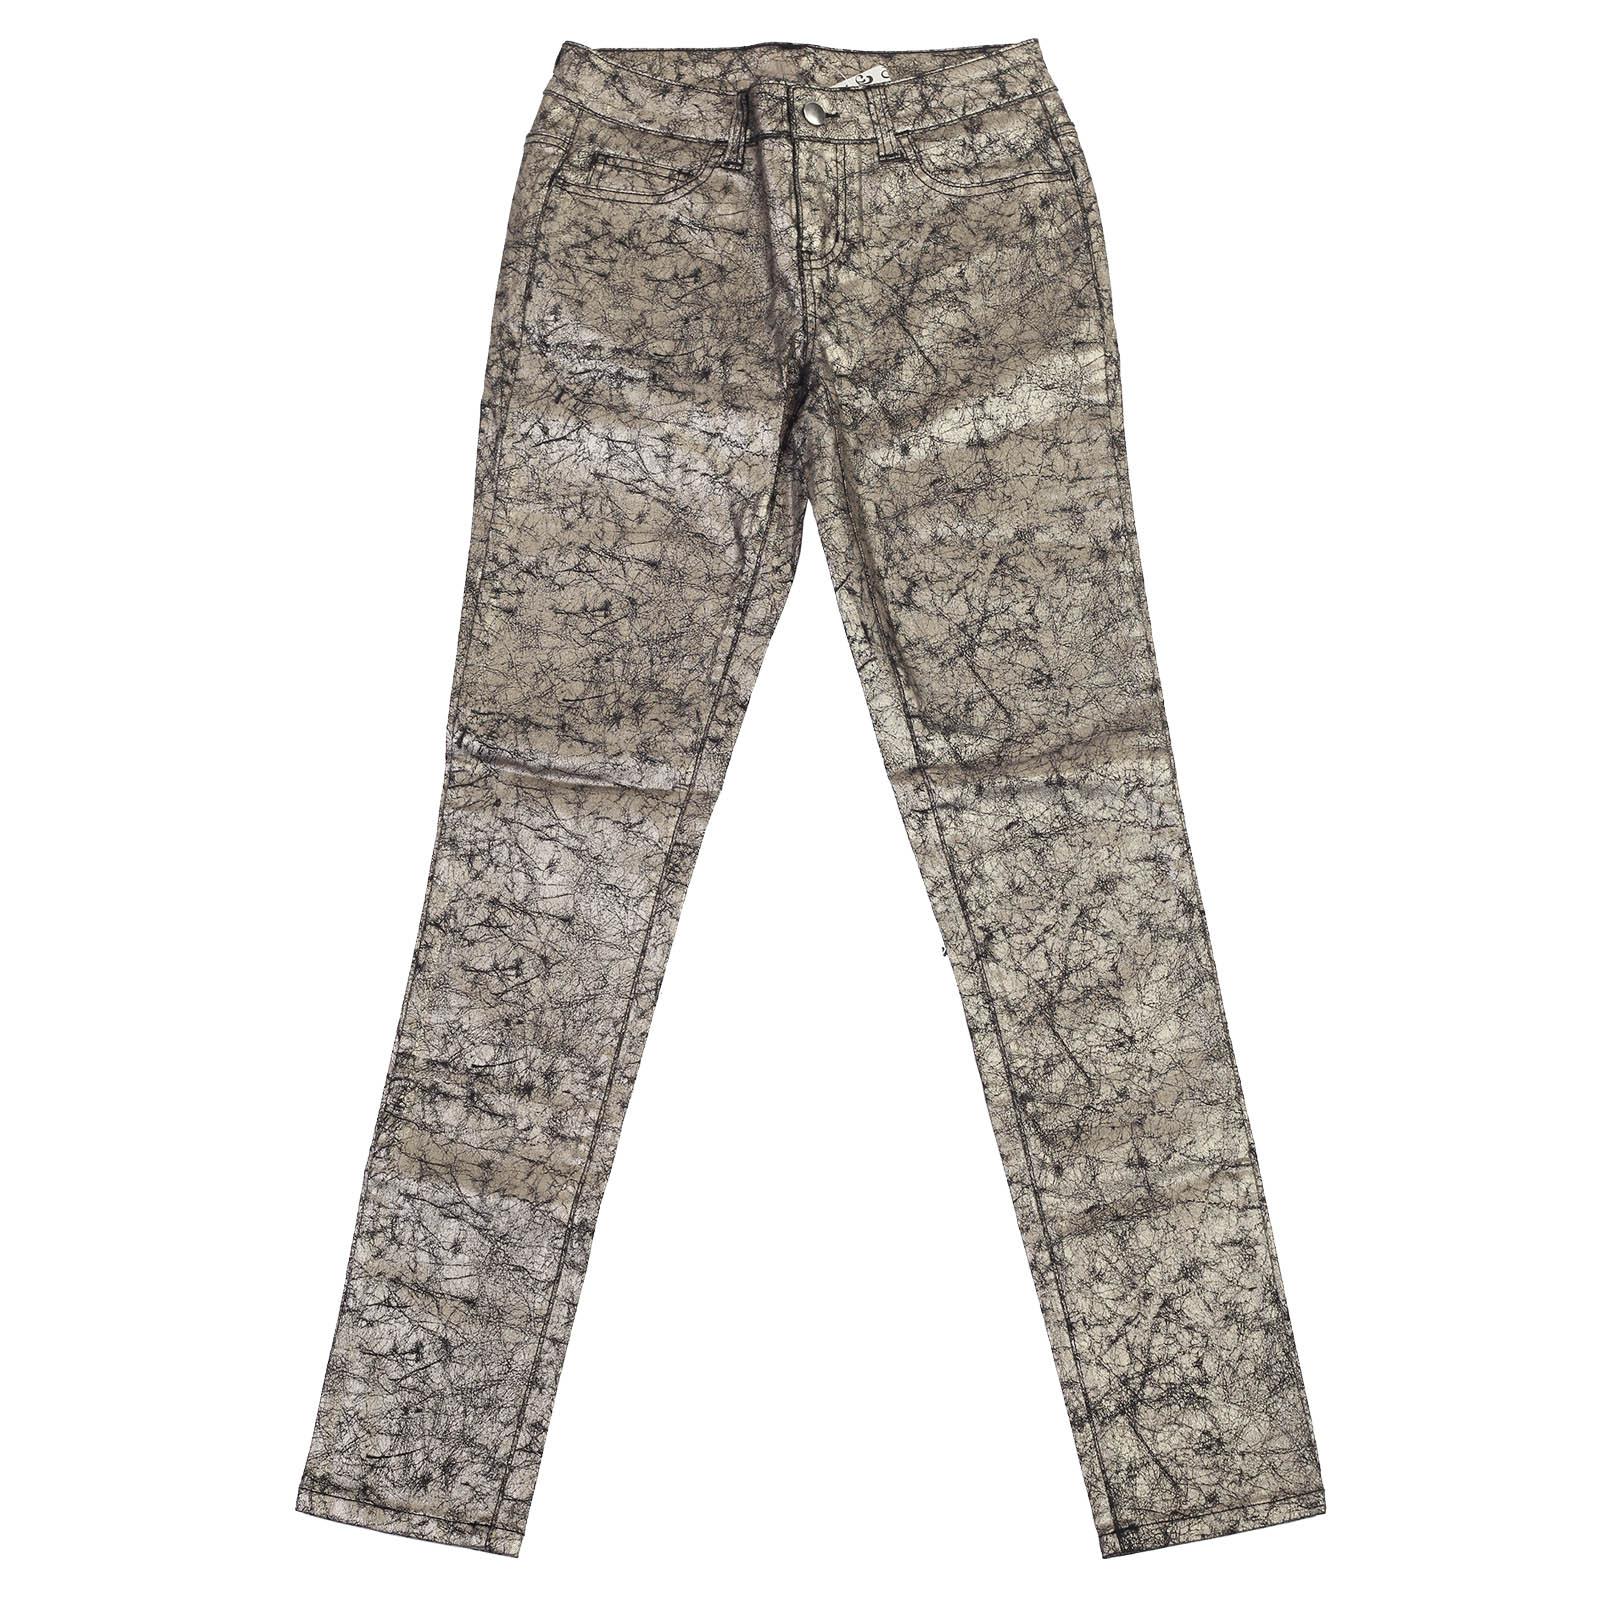 Шик от Pieces! Гламурные женские брюки с серебристым отливом.